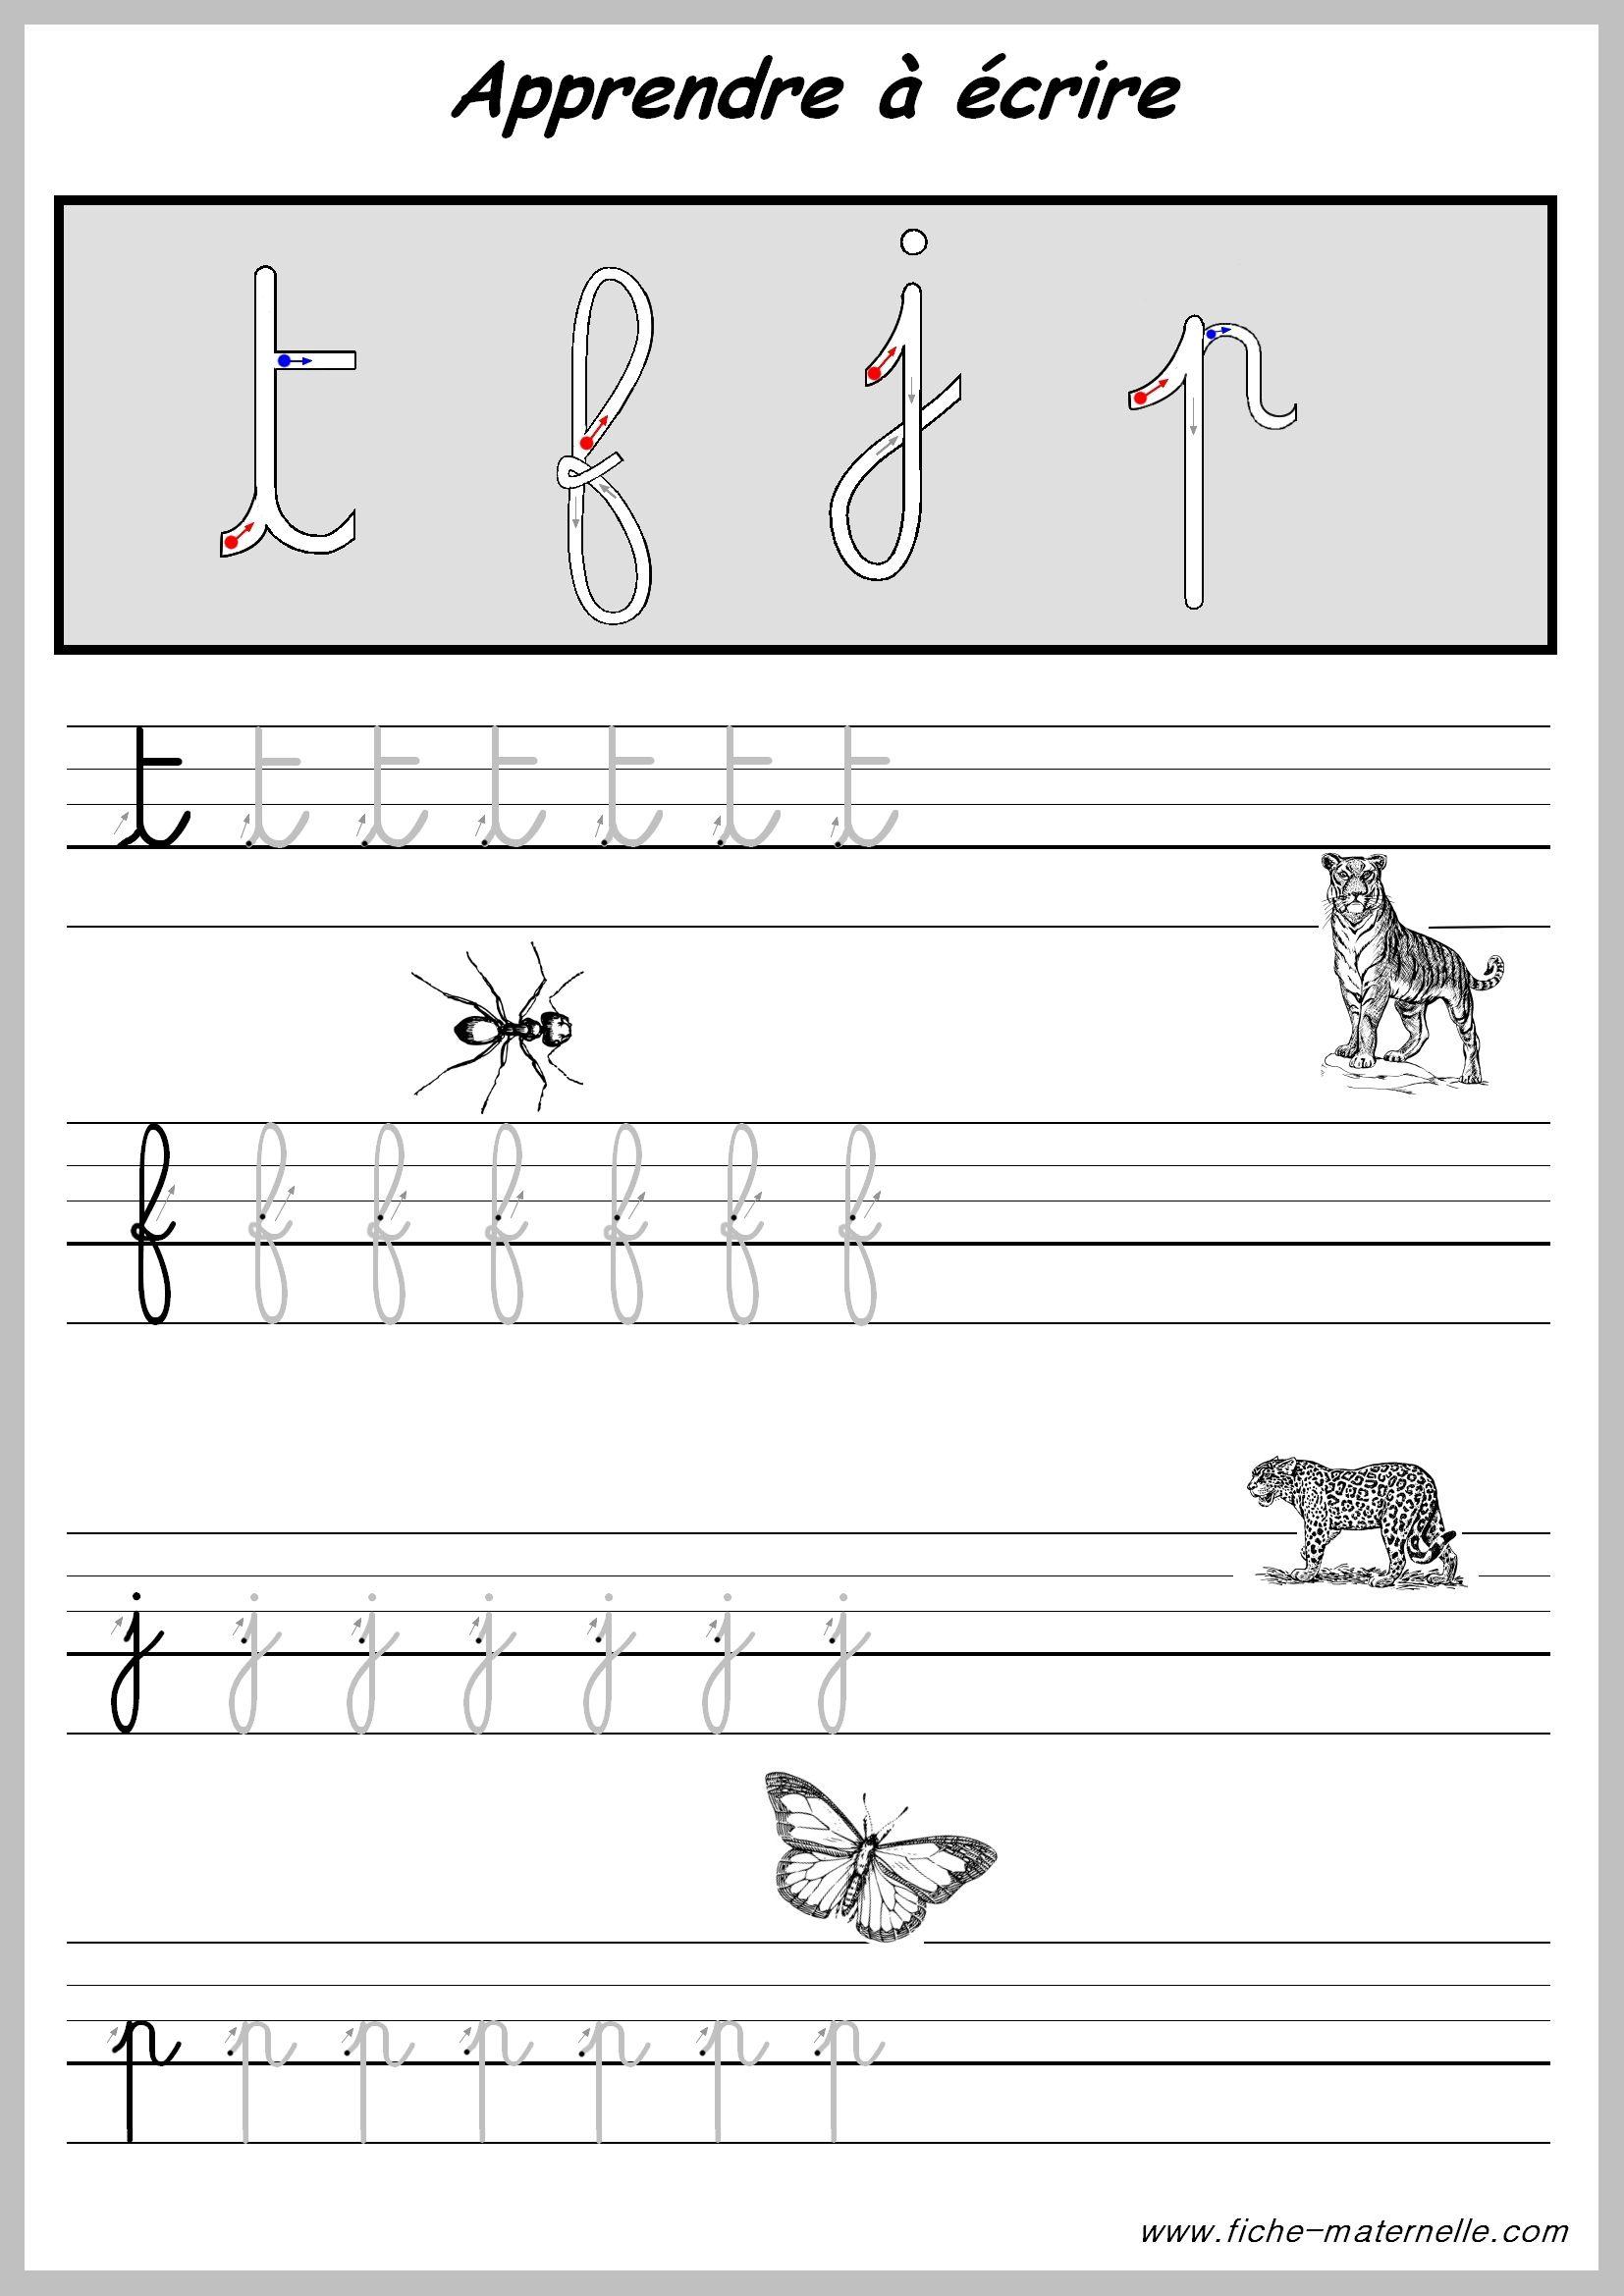 Exercices Pour Apprendre A Ecrire Les Lettres. | Écrire En encequiconcerne Apprendre A Écrire Les Lettres